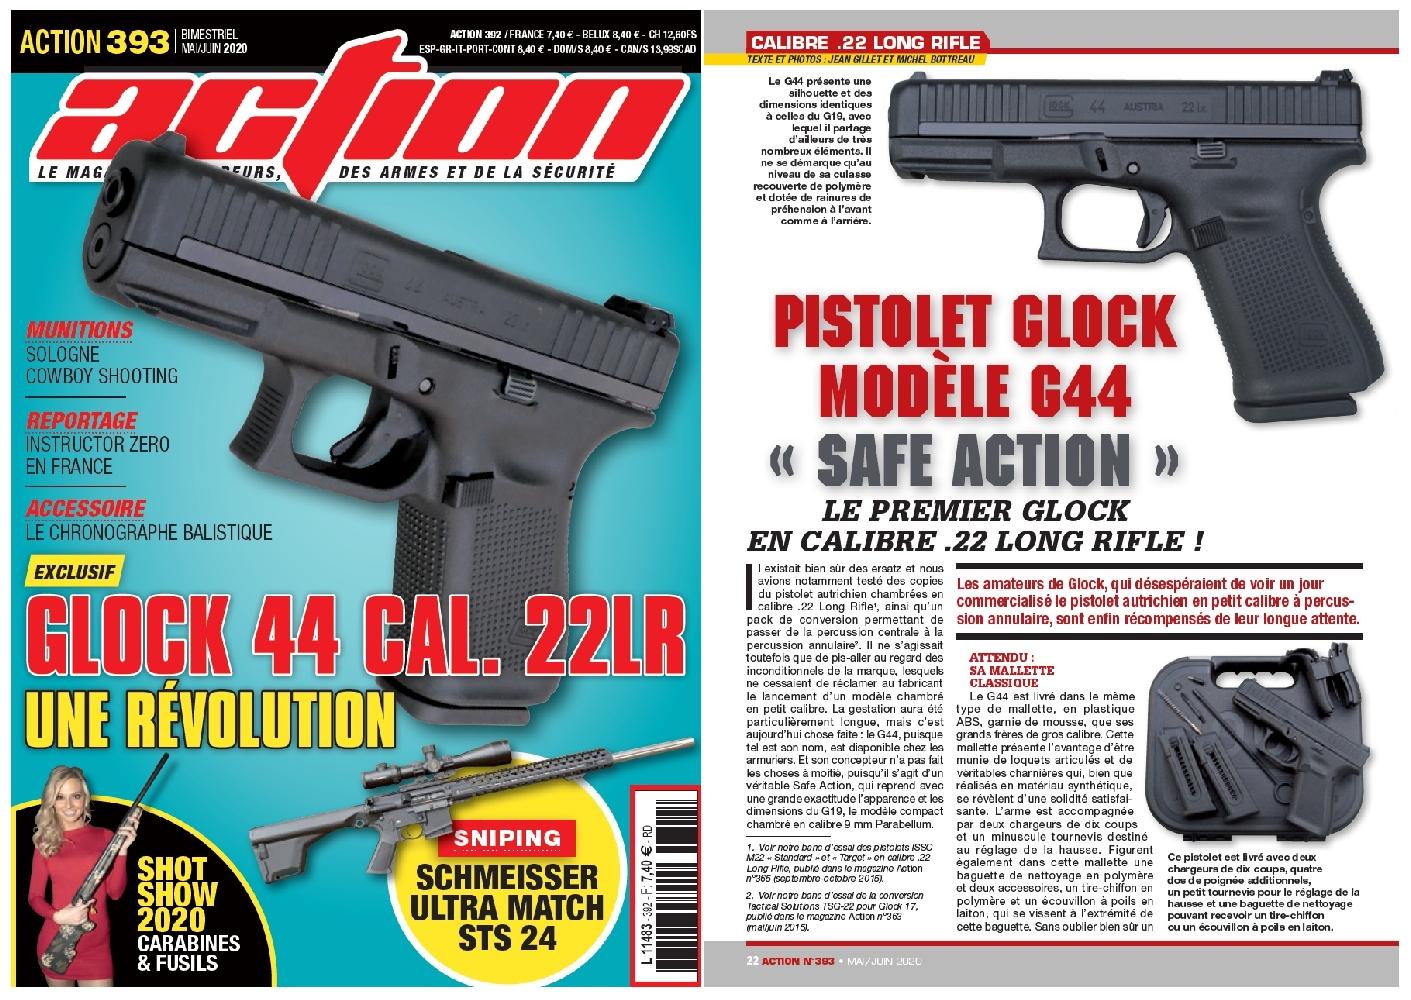 Le banc d'essai du pistolet Glock modèle G44 a été publié sur 6 pages dans le magazine Action n°393 (mai-juin 2020).